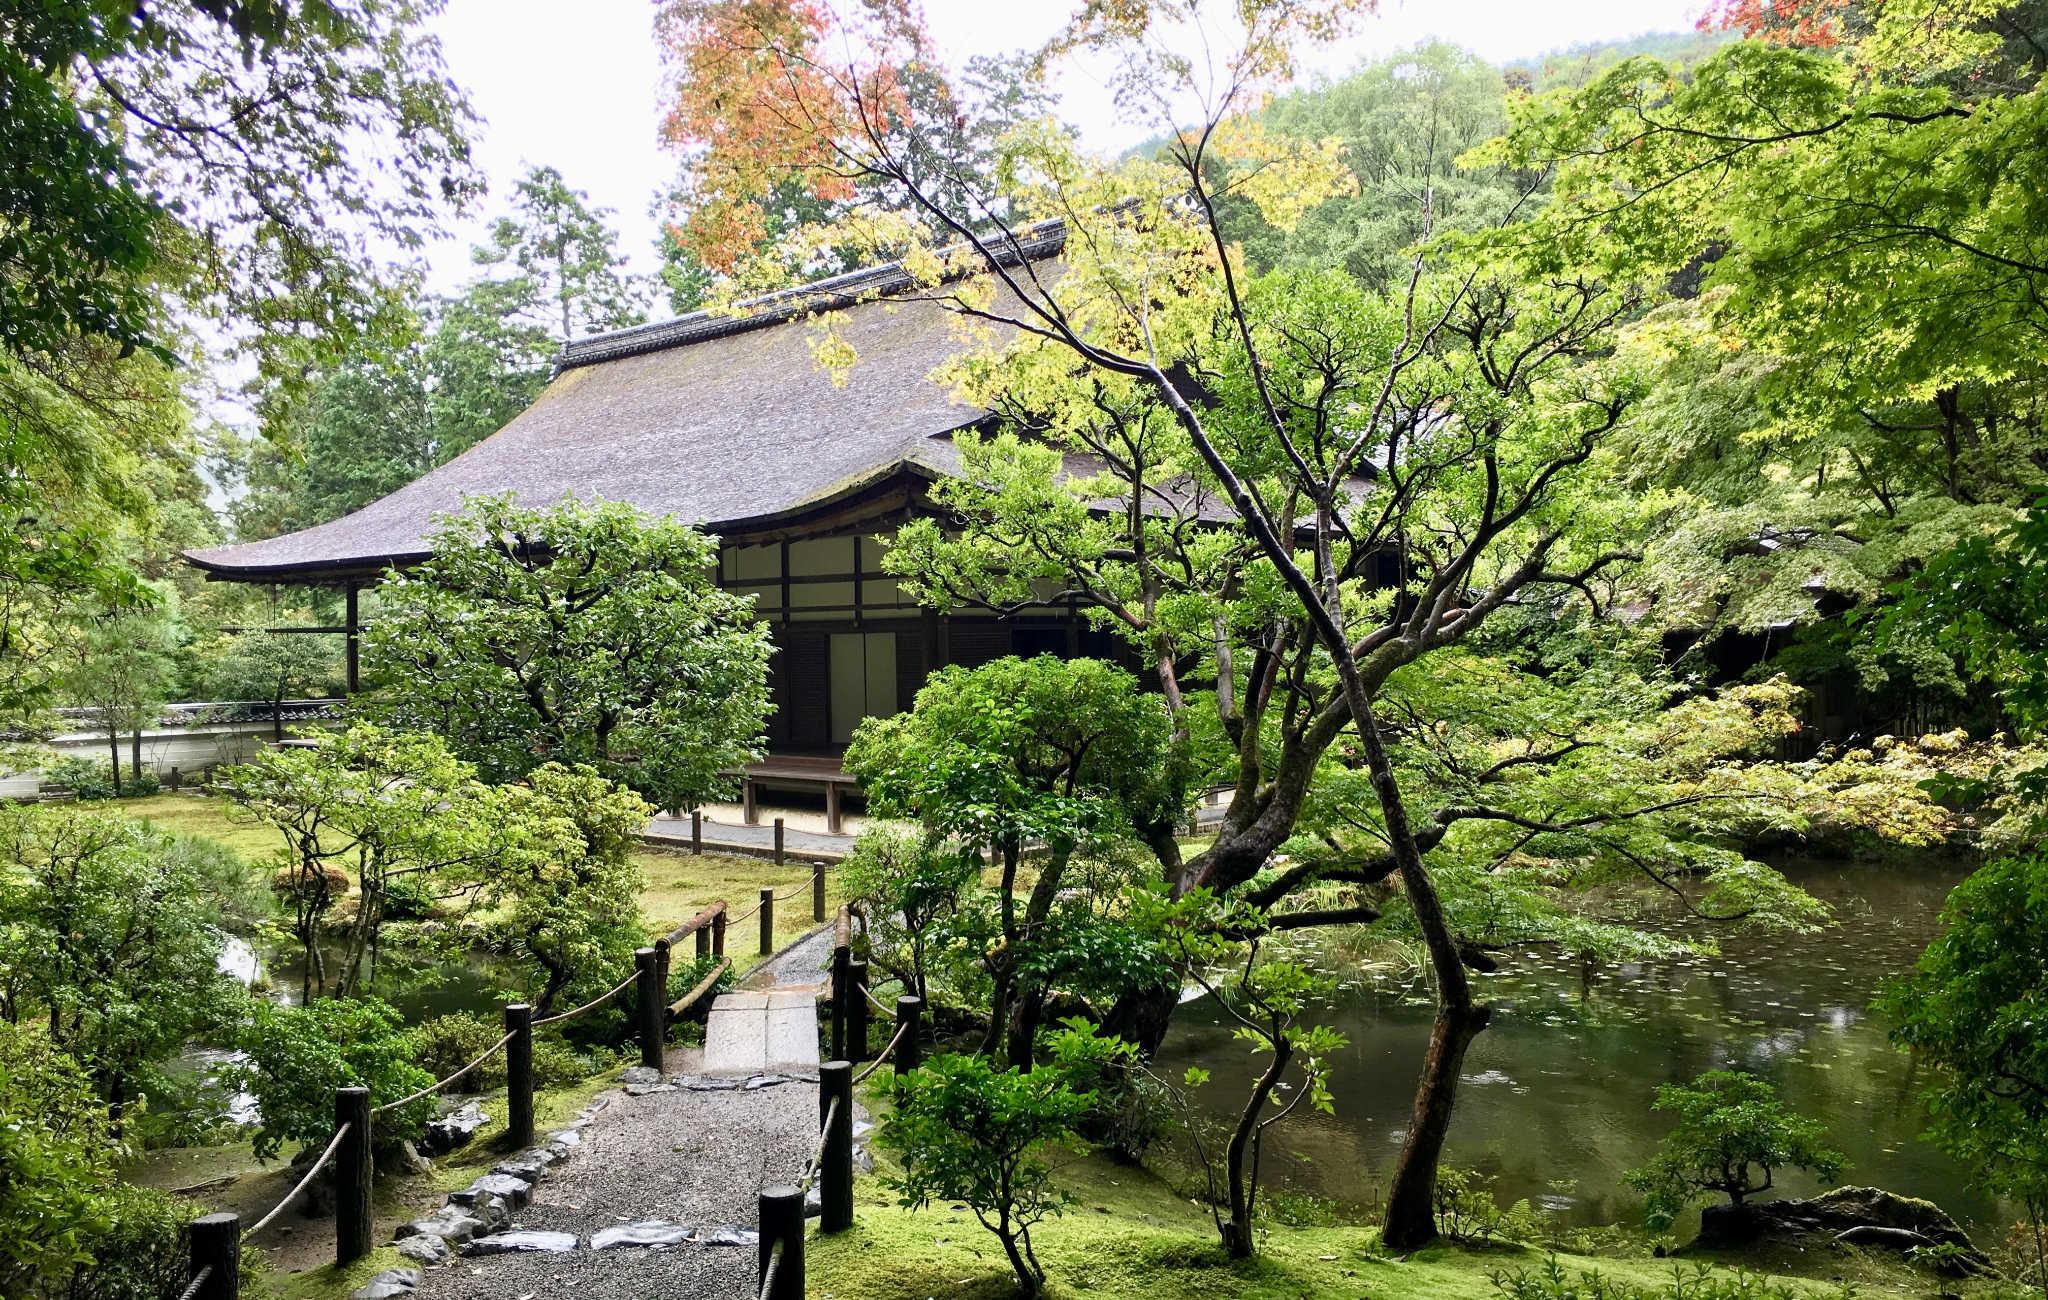 Nanzen-ji est un grand complexe bouddhiste avec des jardins remarquables